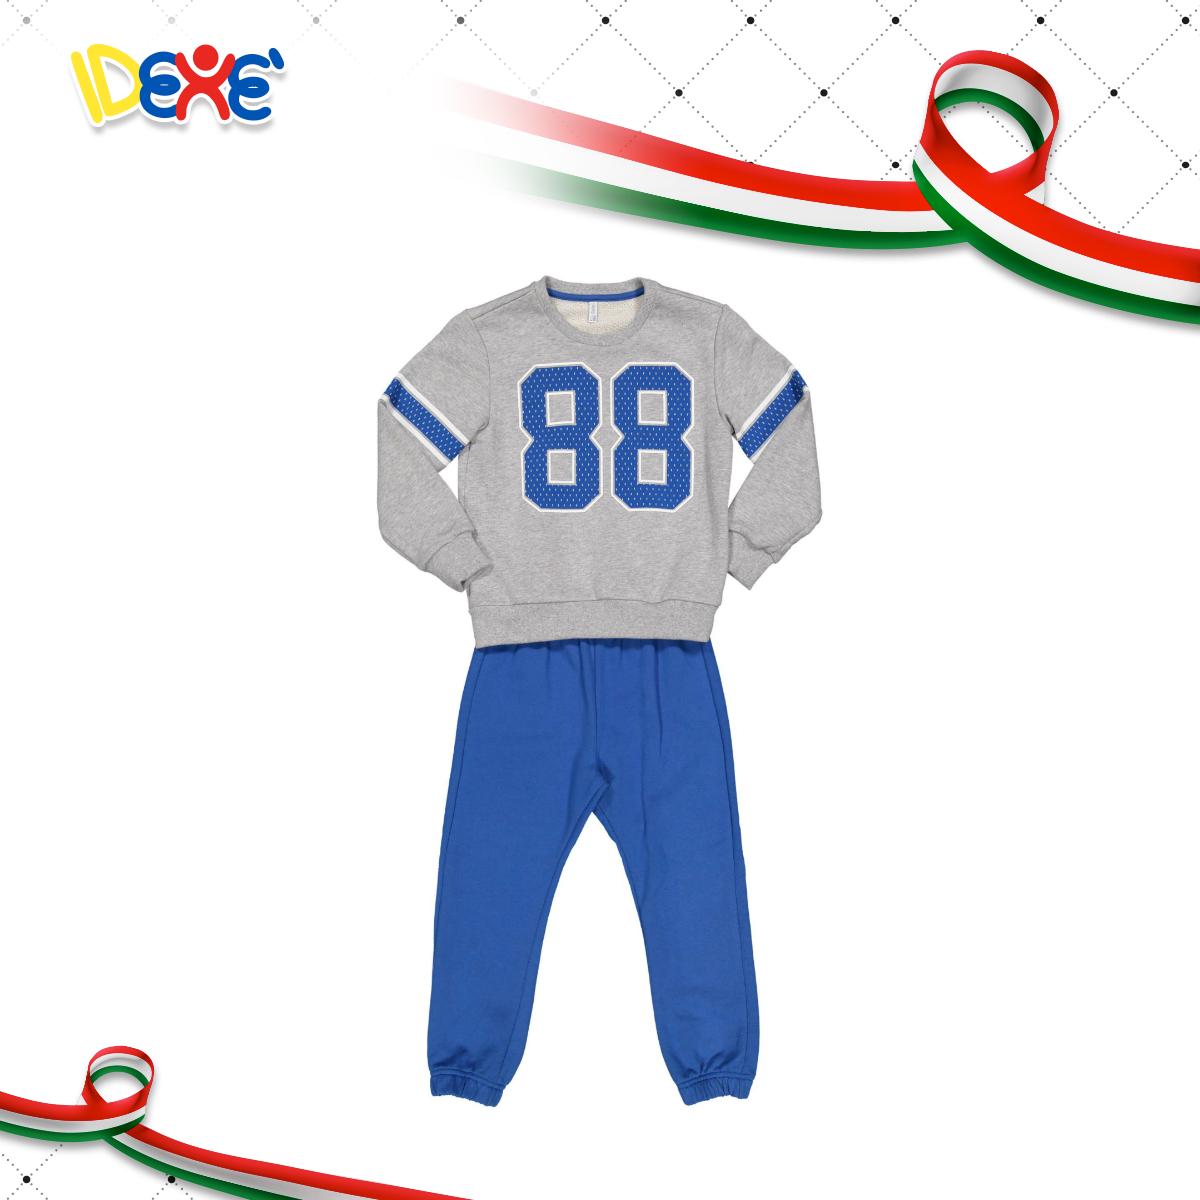 Πίσω στα θρανία με την IDEXE! Από αύριο και μέχρι εξαντλήσεως των αποθεμάτων, αγοράζοντας 2 φόρμες παίρνετε δώρο άλλη 1 της επιλογής σας! #backtoschool #newarrivals #autumn17 #newcollection #aw #aw17 #aw2017 #winter #italianfashion #idexe #fashion #kidsfashion #kidswear #kidsclothes #fashionkids #children #boy #girl #clothes #autumn2017